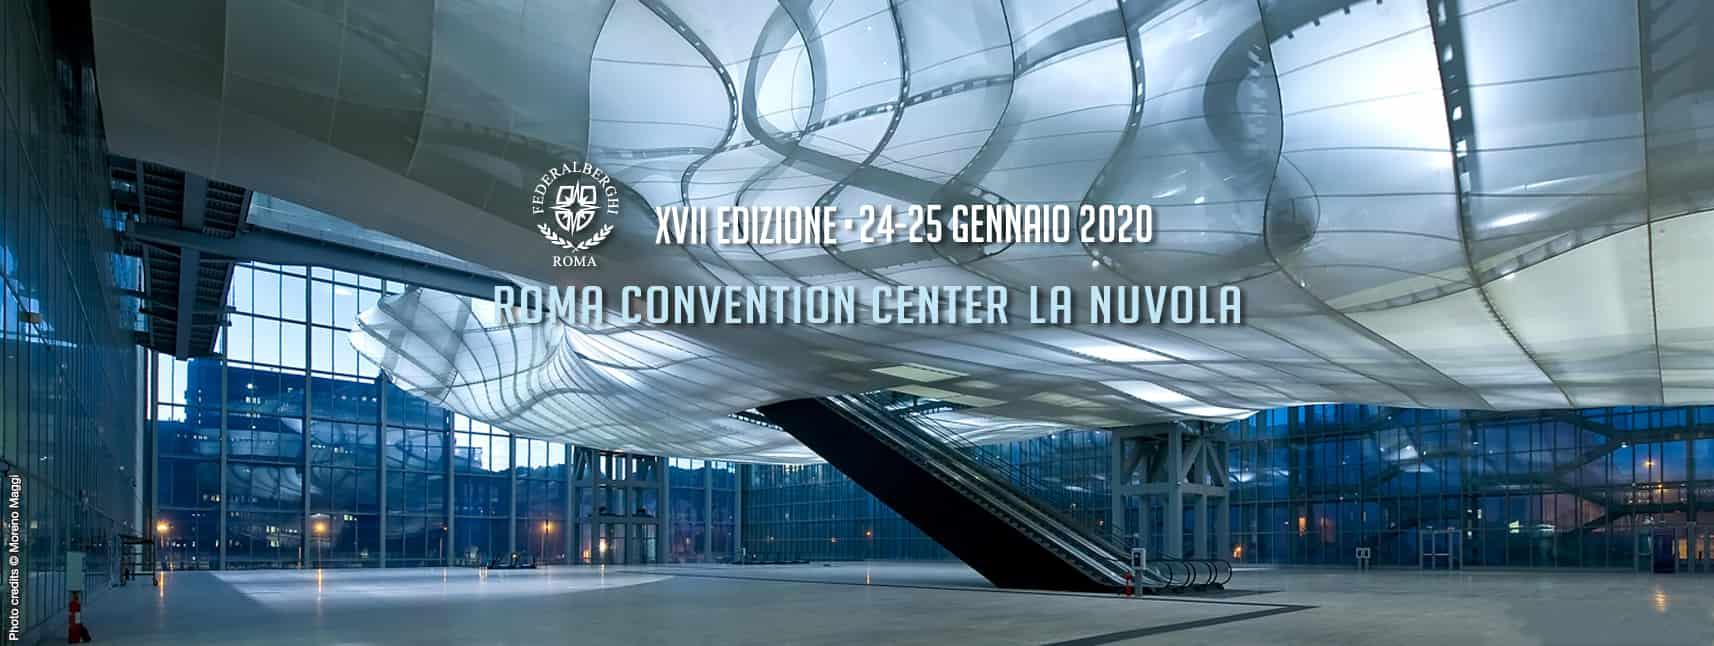 Albergatore Day 2020 Copertina